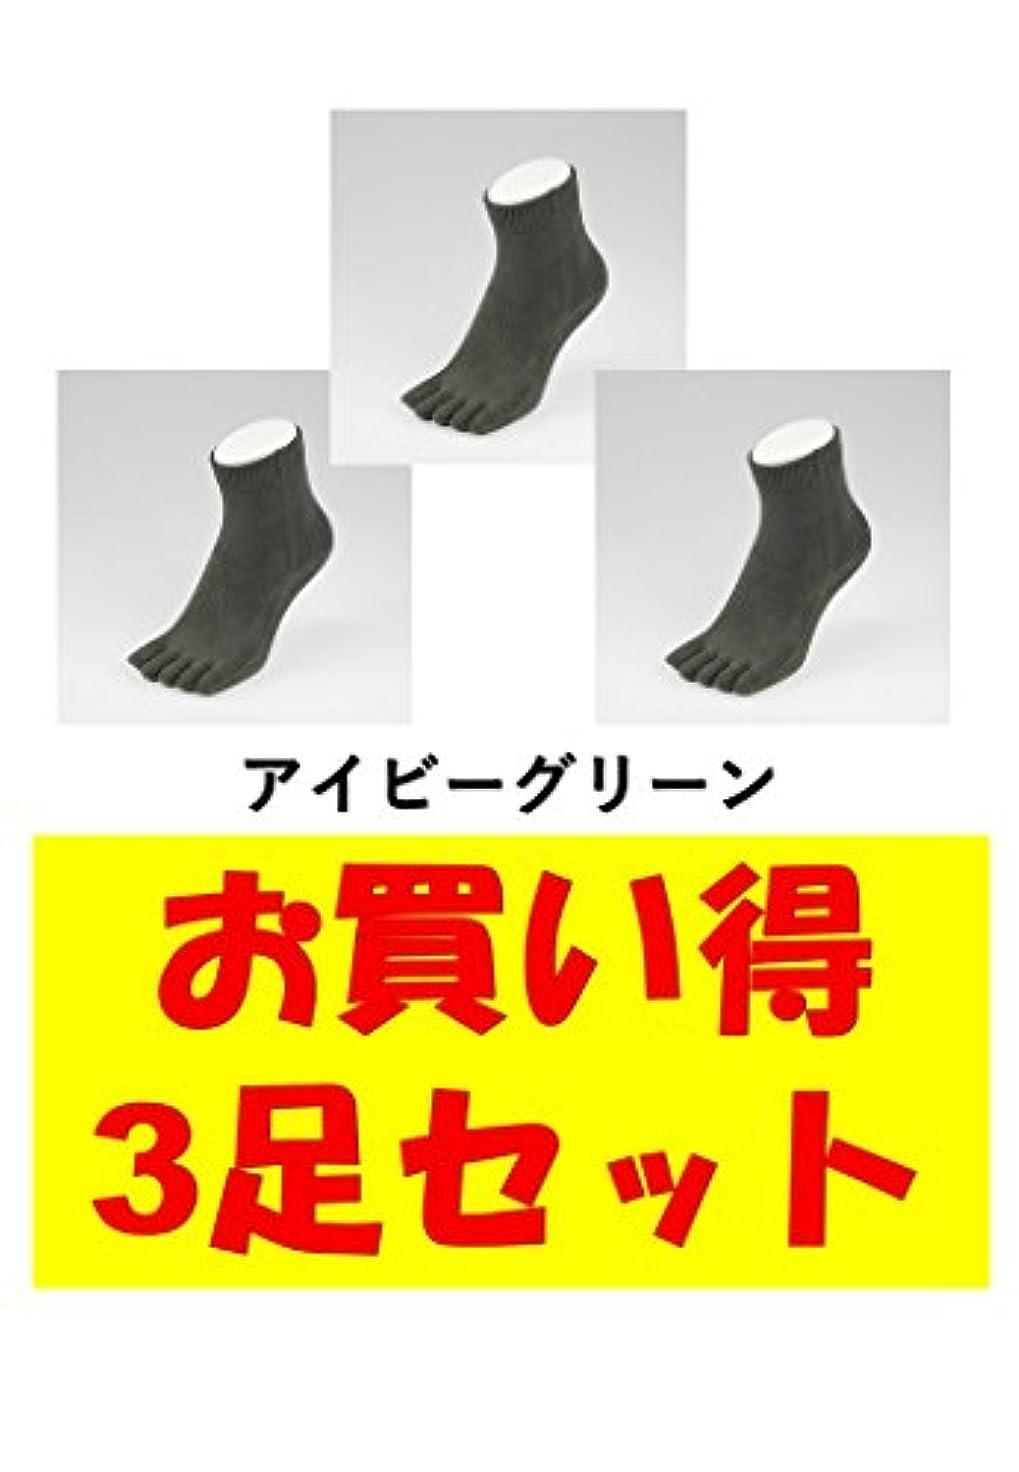 帳面陸軍八お買い得3足セット 5本指 ゆびのばソックス Neo EVE(イヴ) アイビーグリーン Sサイズ(21.0cm - 24.0cm) YSNEVE-IGR